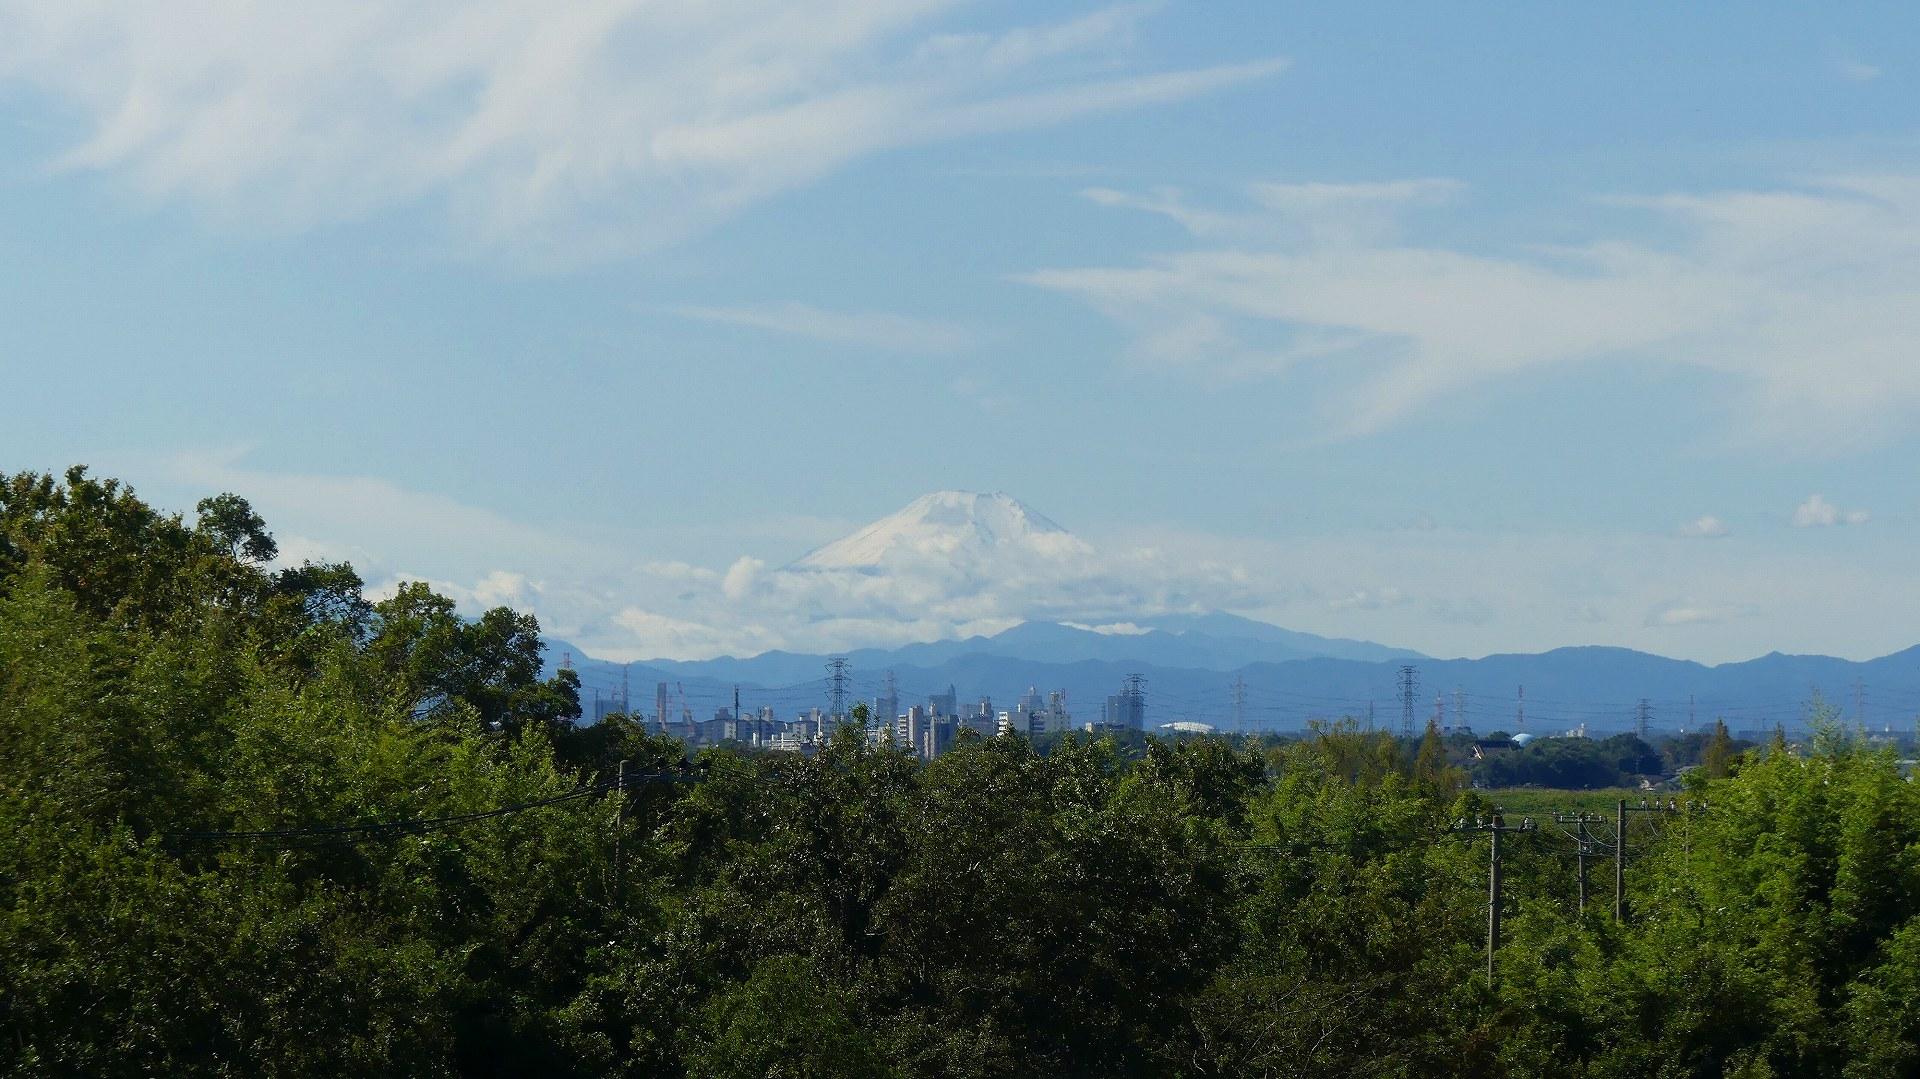 富士は日本一の山 【 2019 10/23(水) 】_a0185081_14323704.jpg